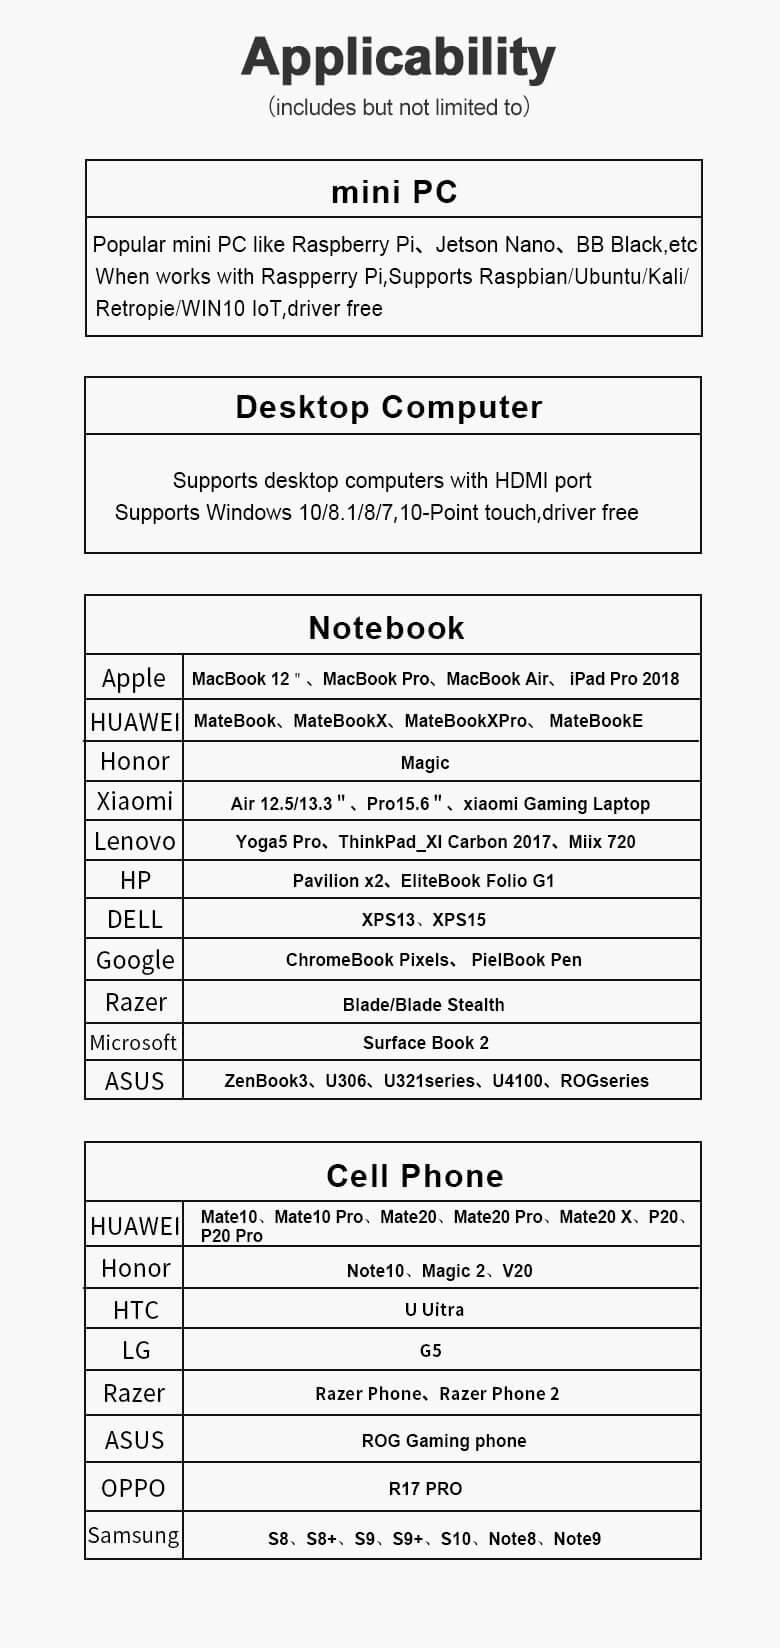 مانیتور یا نمایشگر قابل حمل رزبری پای، ویندوز، مک نوت، مک بوک، آی پد، لنوو، HP، DELL، LG، SAMSUNG، مایکروسافت